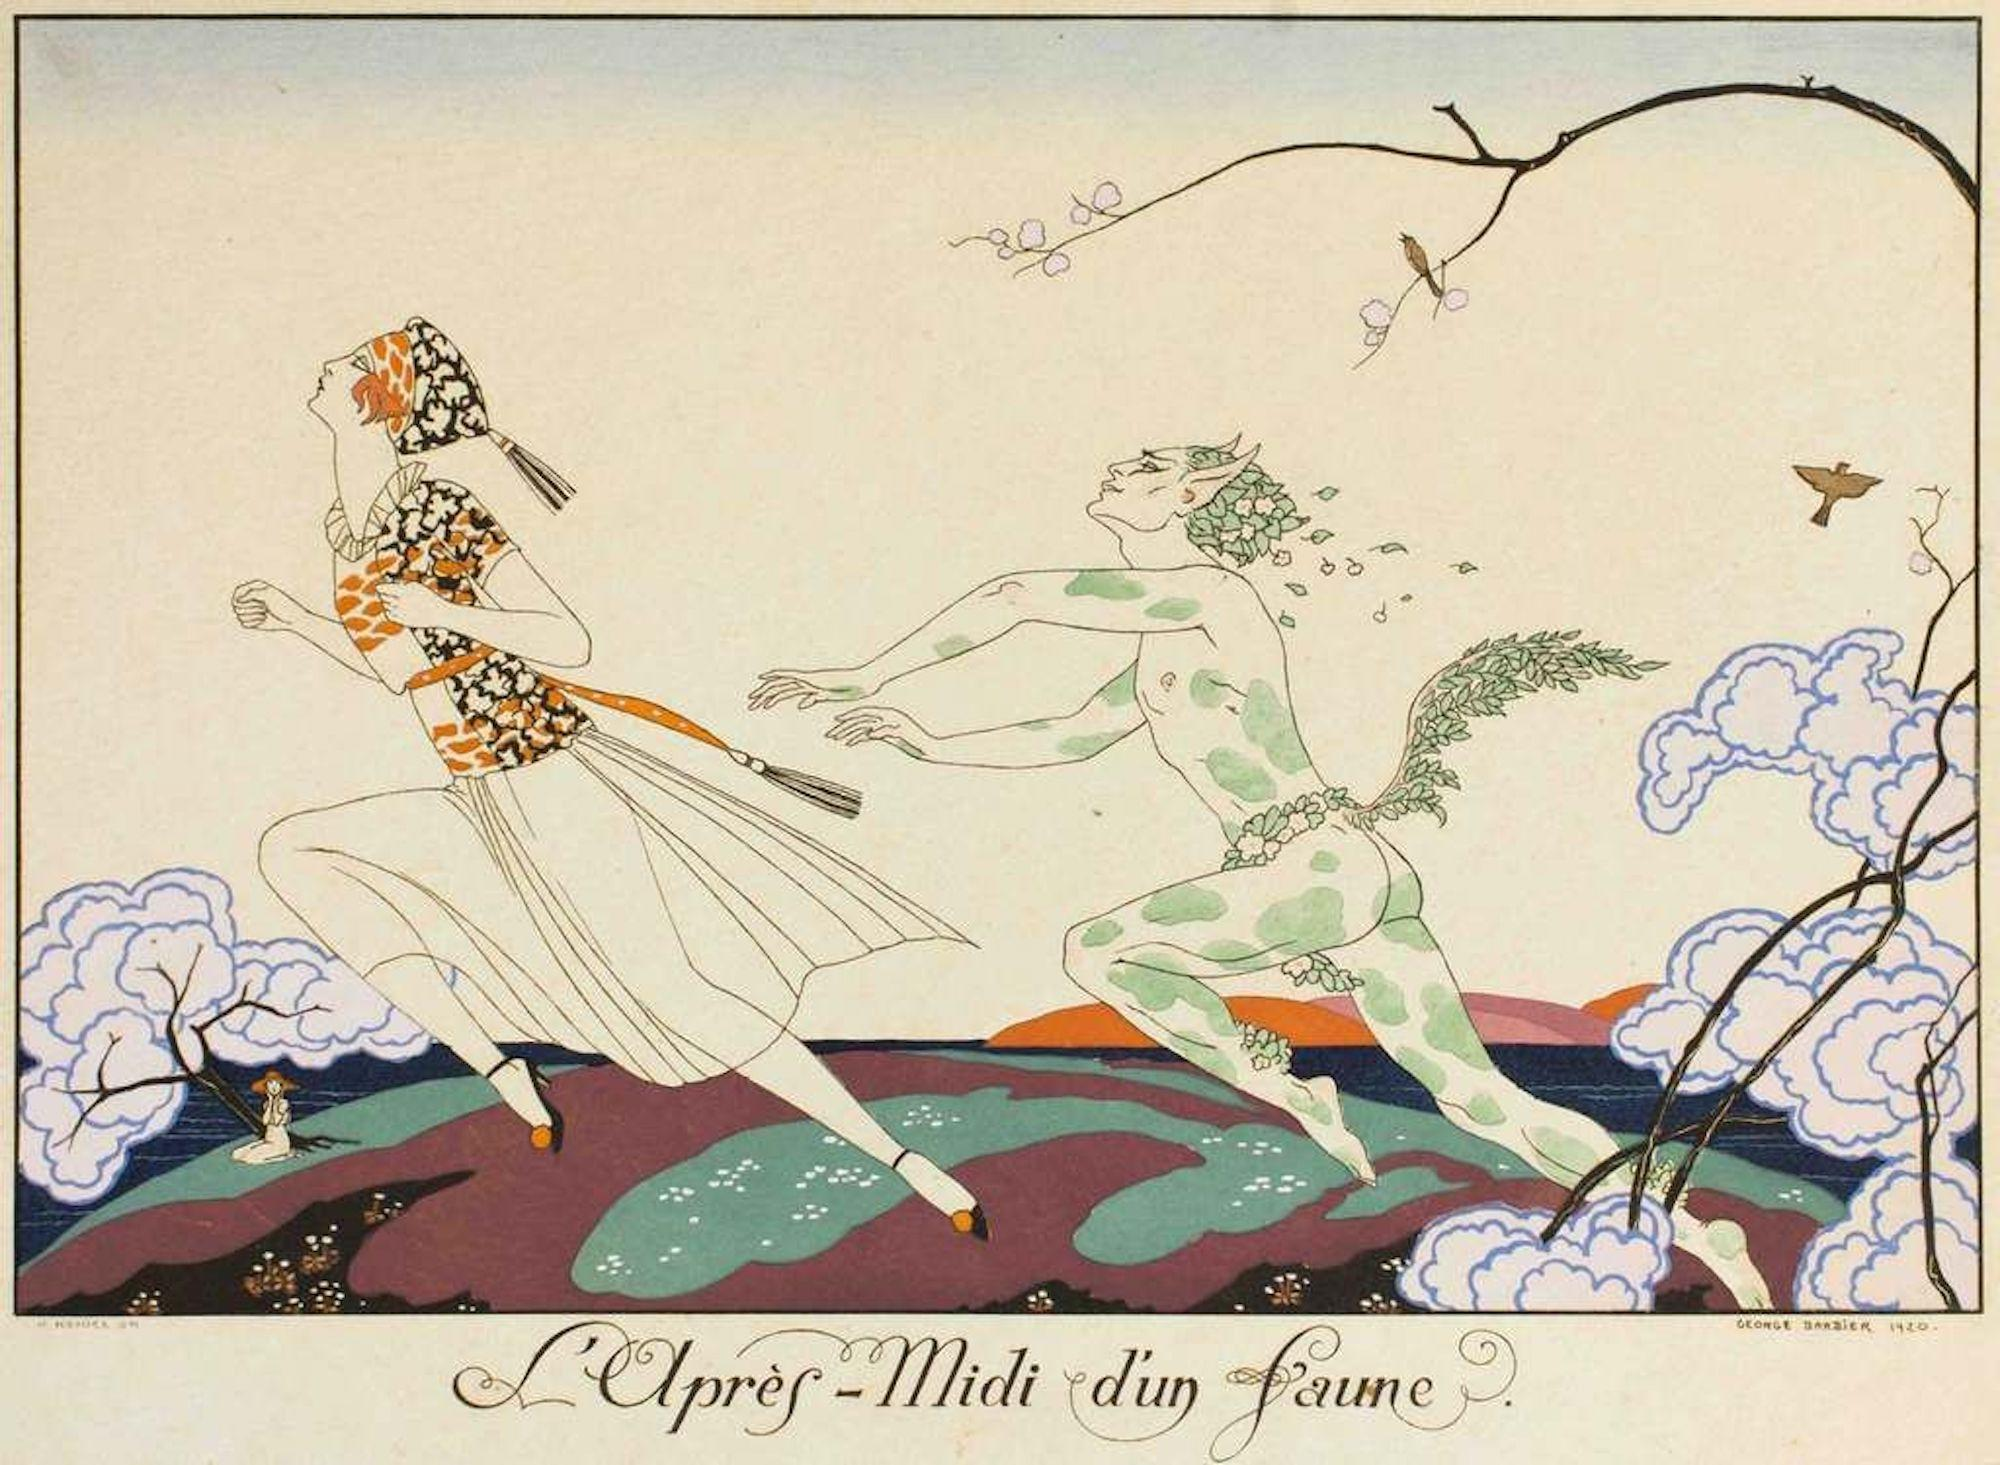 L'apres-midi d'un Faune - Original Pochoir by G. Barbier - 1920